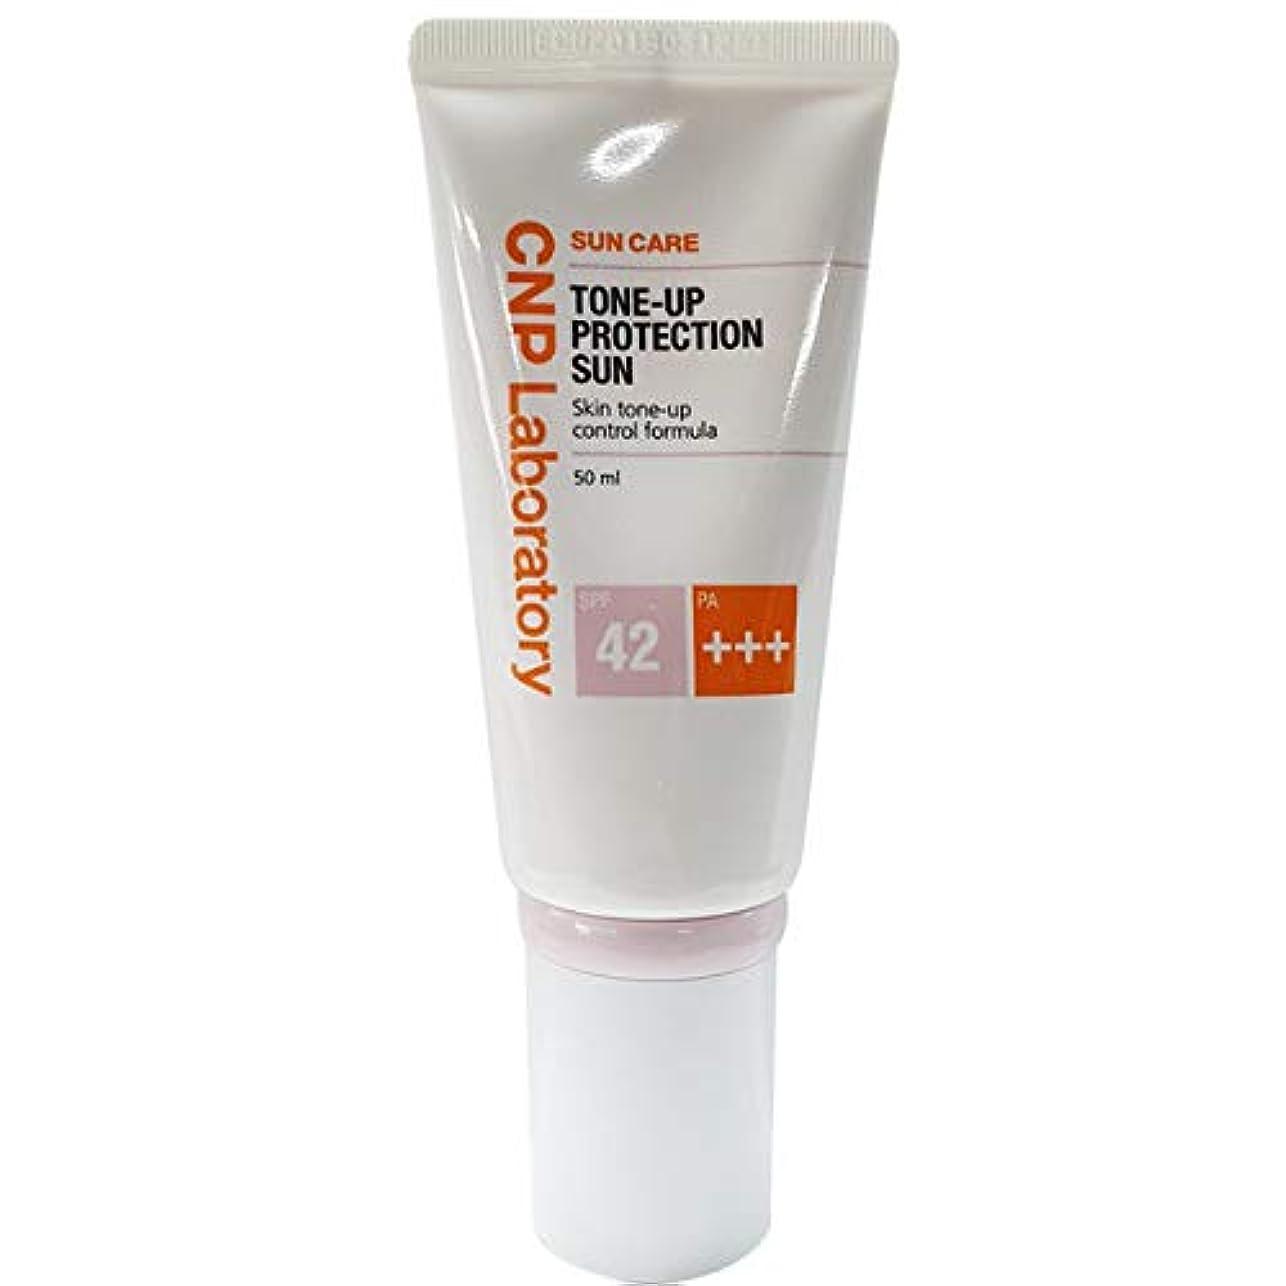 ワーカー過敏なコースCNP チャアンドパク トンオププロテクションサン?クリーム紫外線遮断剤 50ml (SPF42 / PA+++)、2019 NEW, CNP Tone-up Protection Sun Cream/韓国日焼け止め